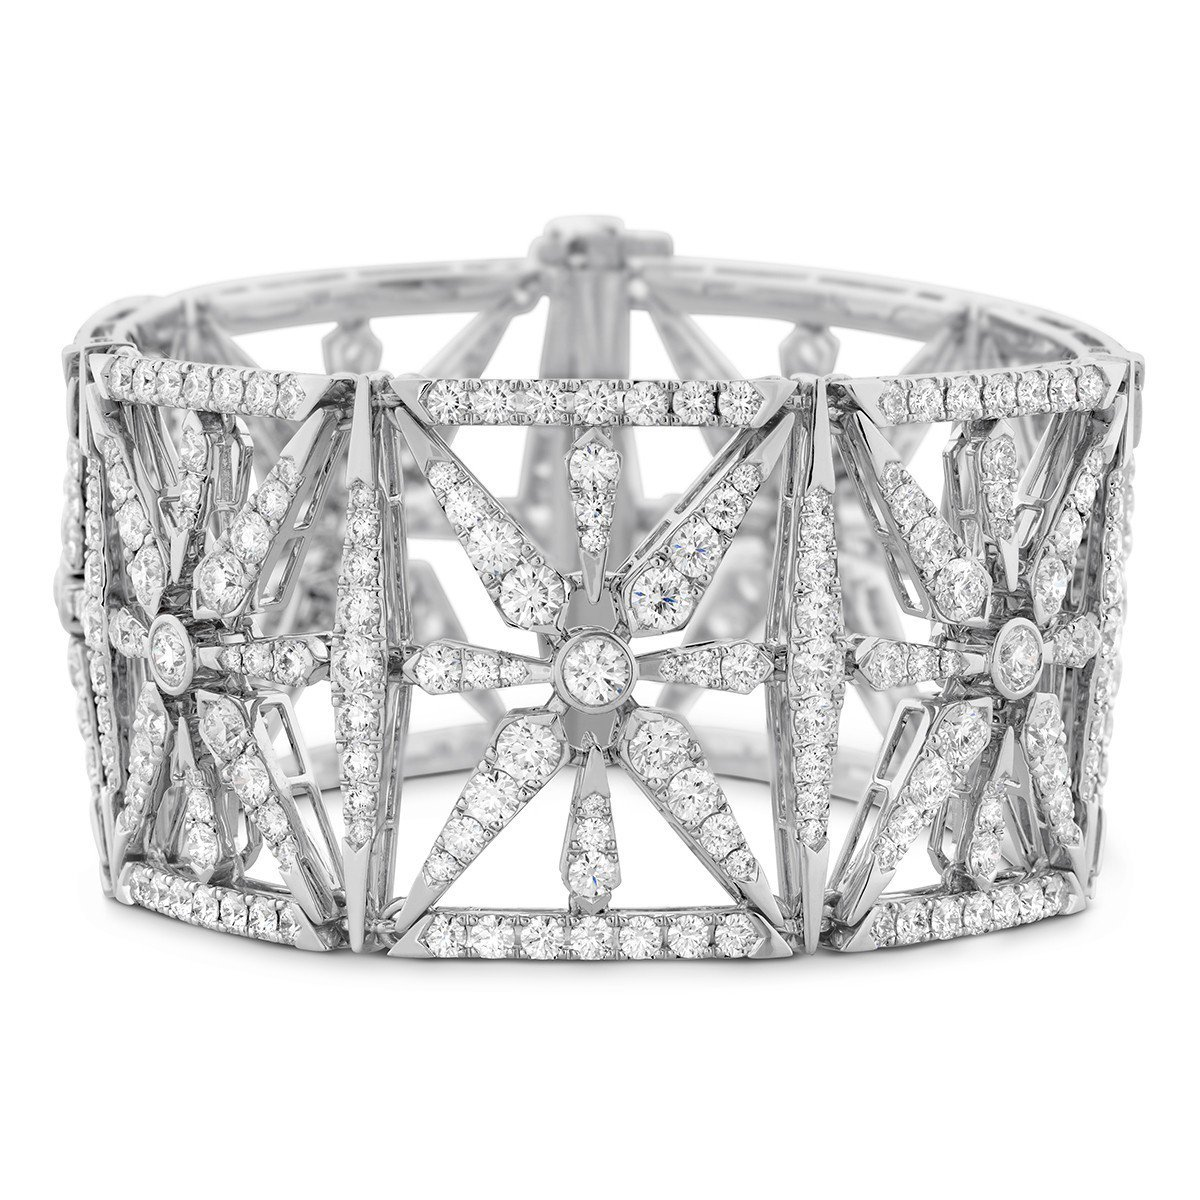 Triplicity幾何圖騰鑽石手環,18K白金鑲嵌鑽石總重22.5克拉,341...